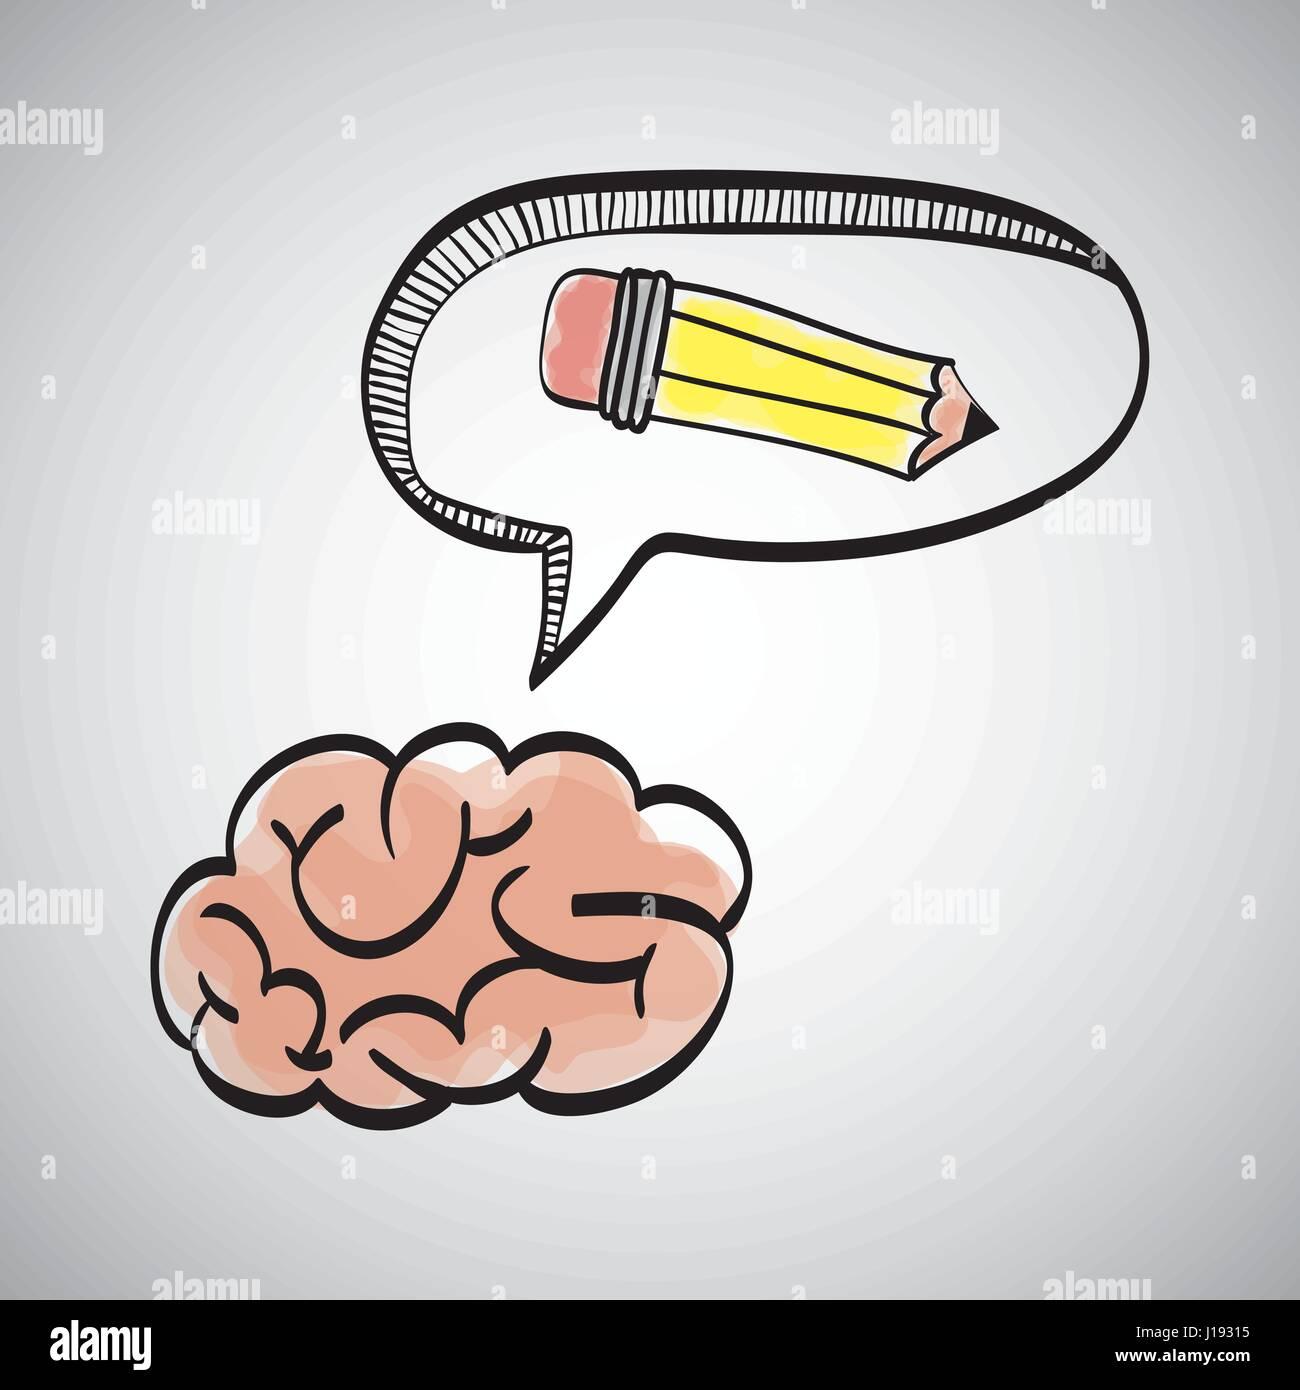 Idee Design. Skizziersymbol. Weißer Hintergrund, Vektor Stockbild